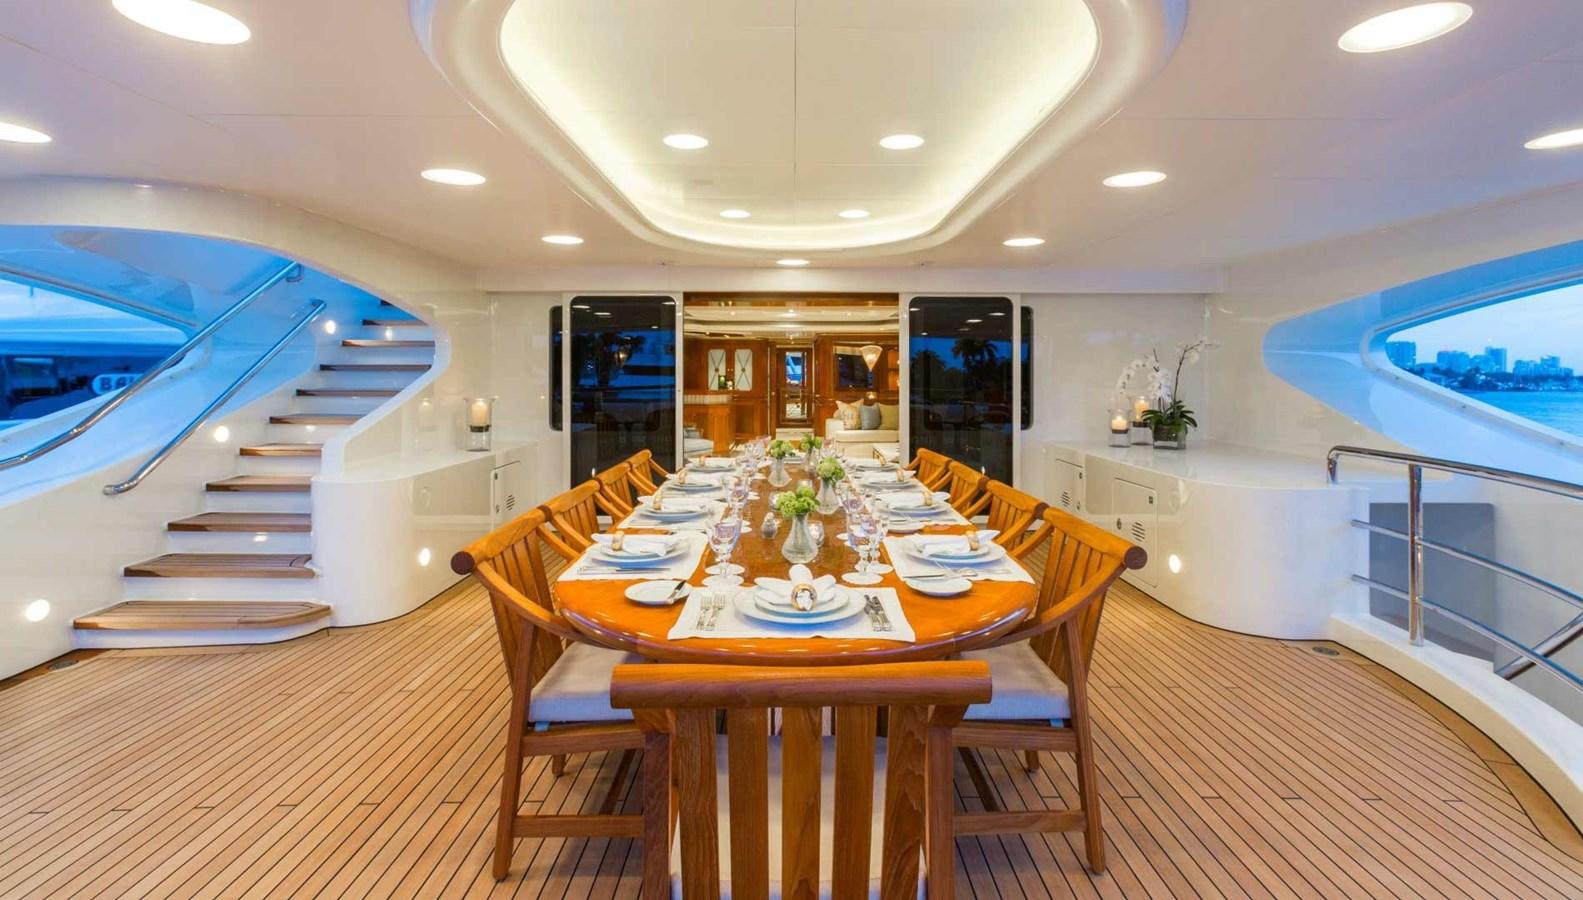 Upper Deck Dining